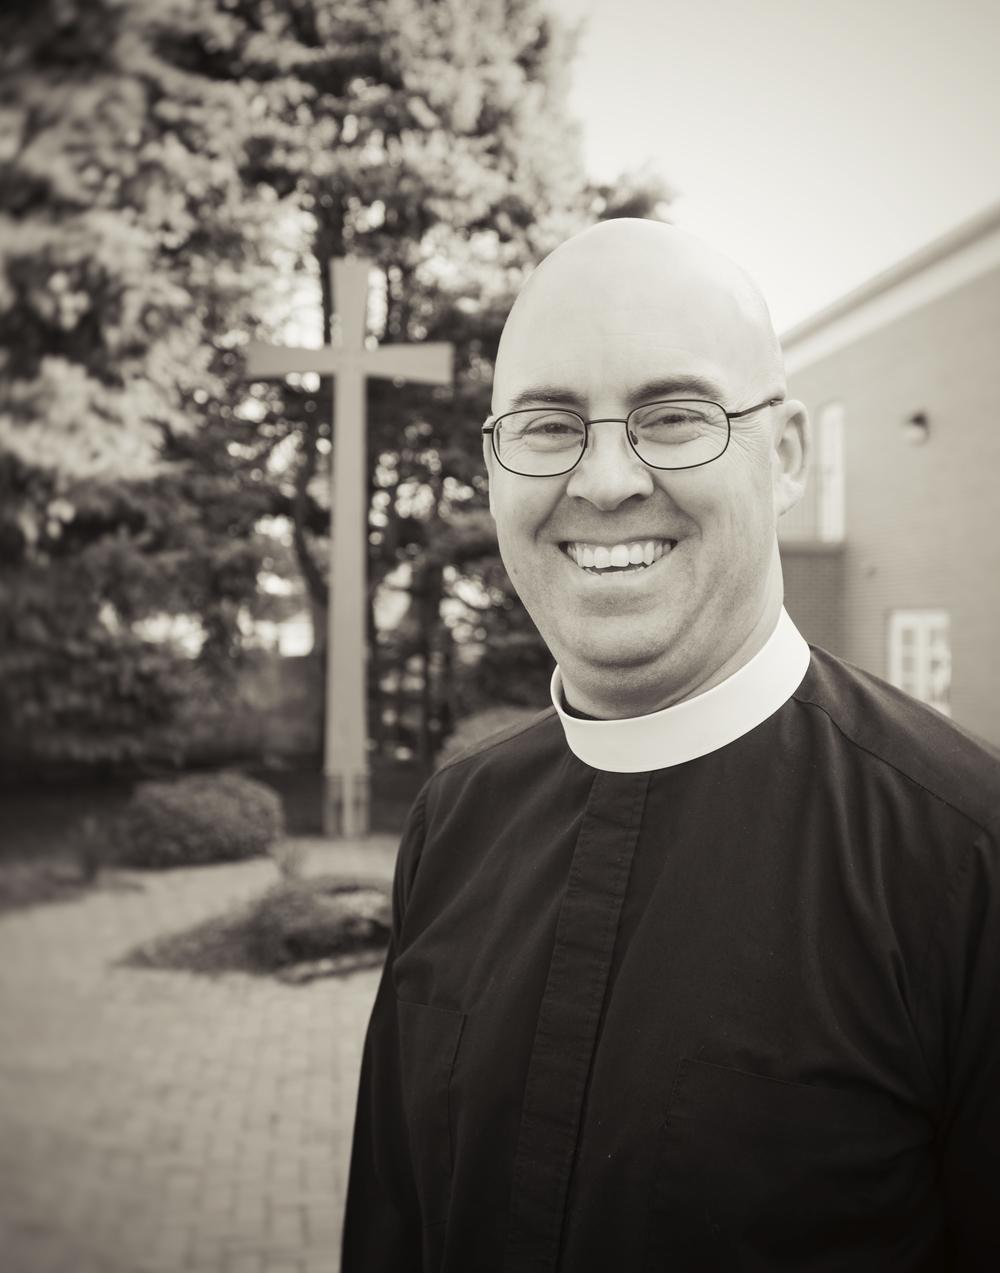 Rev Chris - May 6